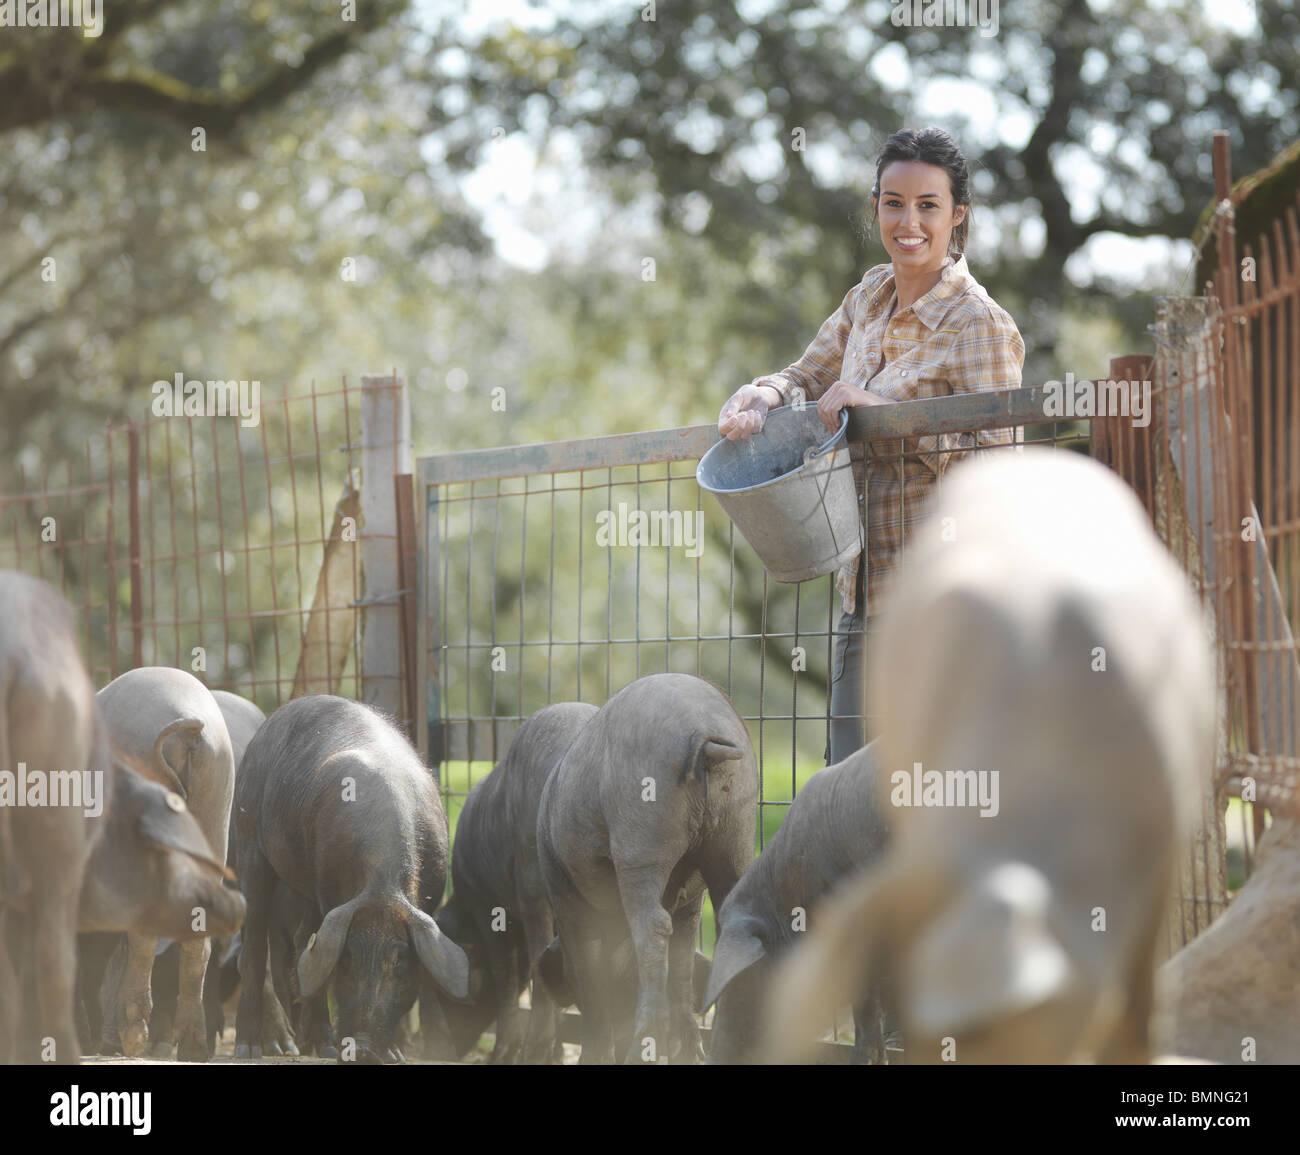 Donna in agriturismo alimentazione di suini Immagini Stock